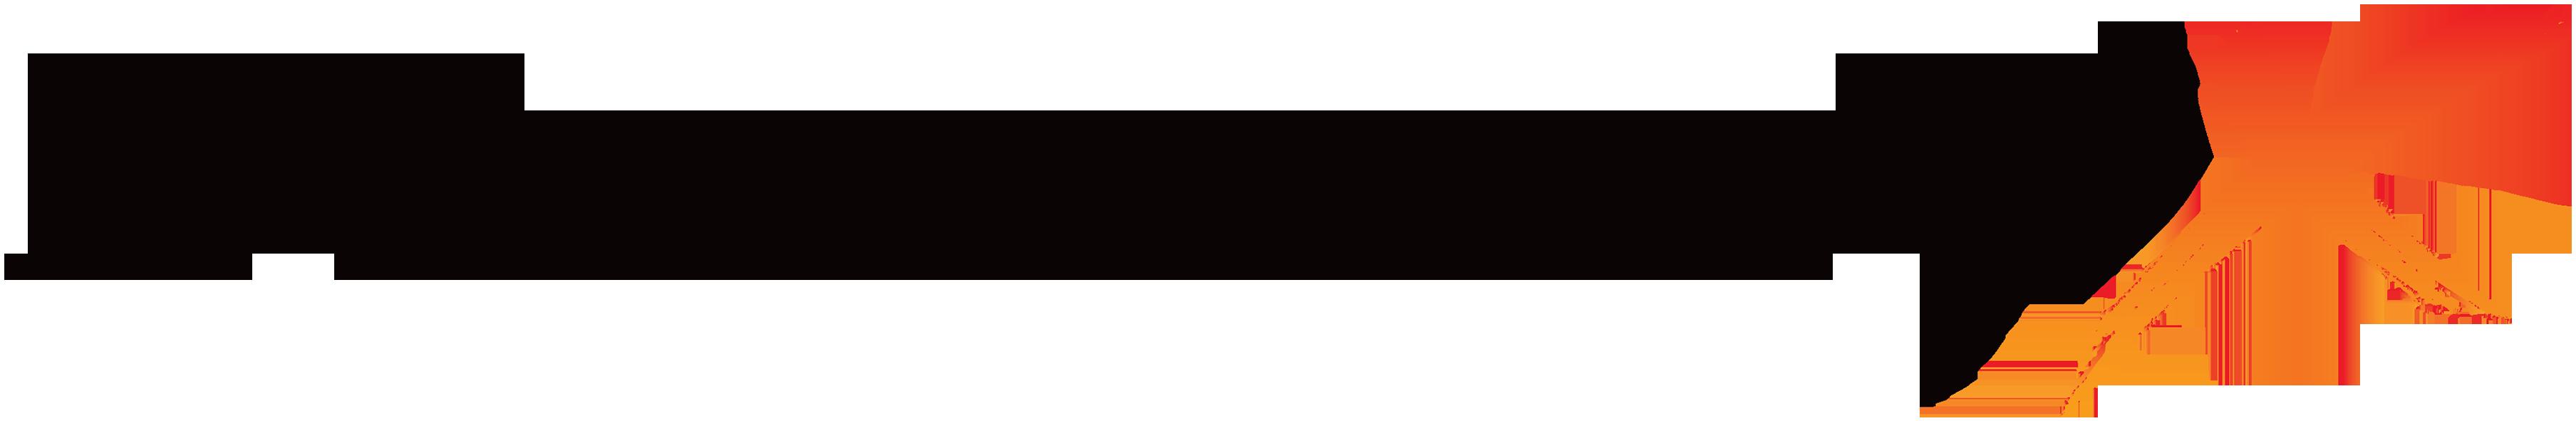 Stretch MX Logo